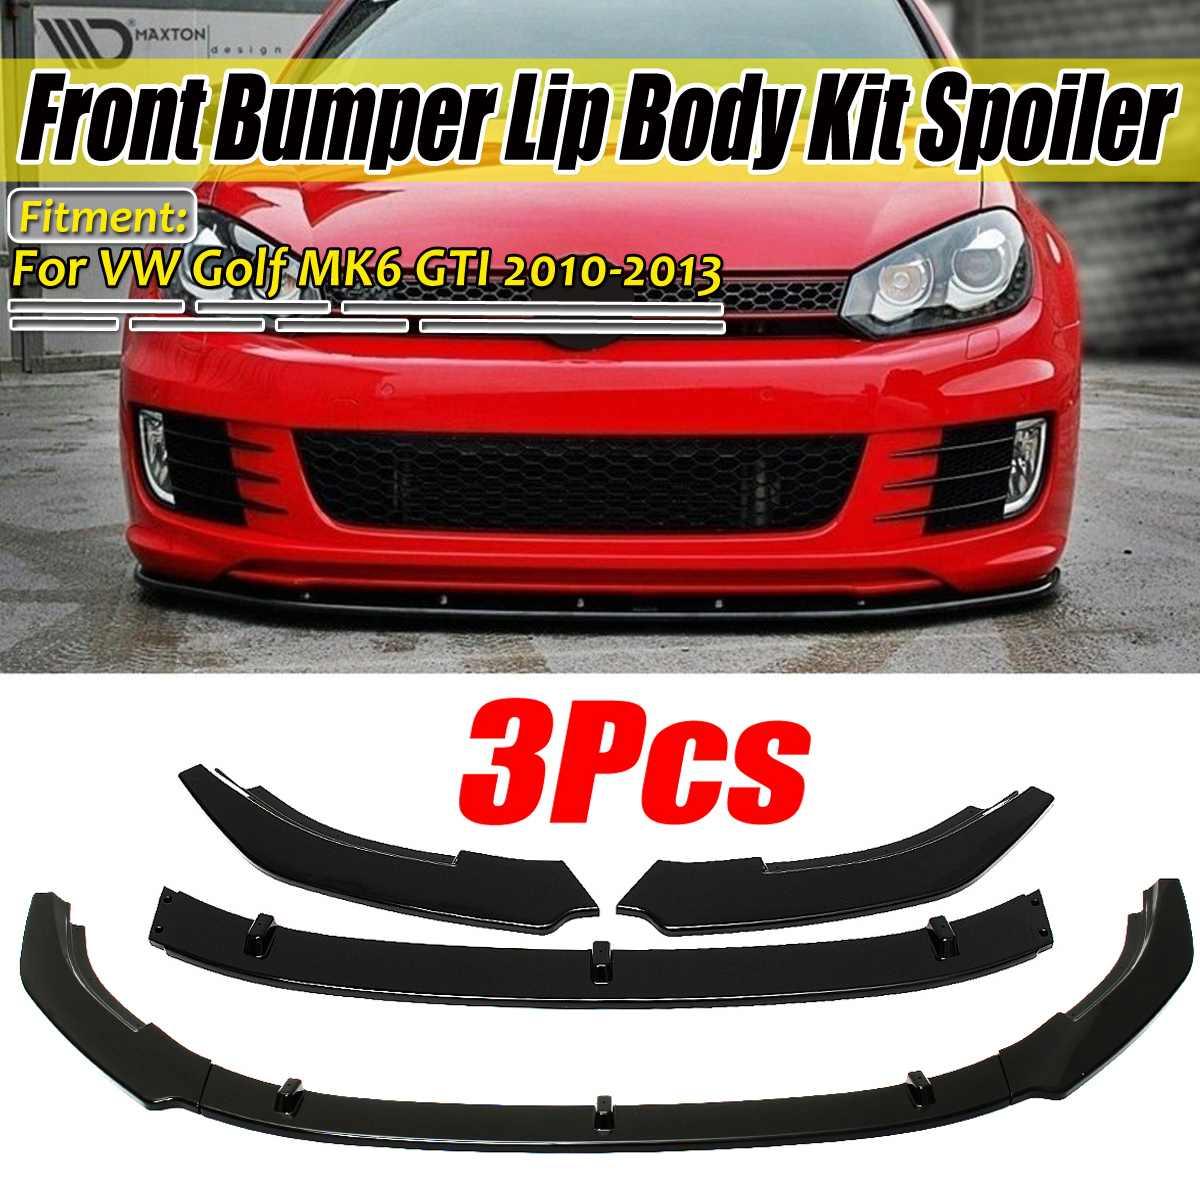 Karbon Fiber bakır/siyah araba ön tampon Splitter dudak difüzör gövde kiti Spoiler Guard VW Golf için MK6 GTI 2010 2012 2013